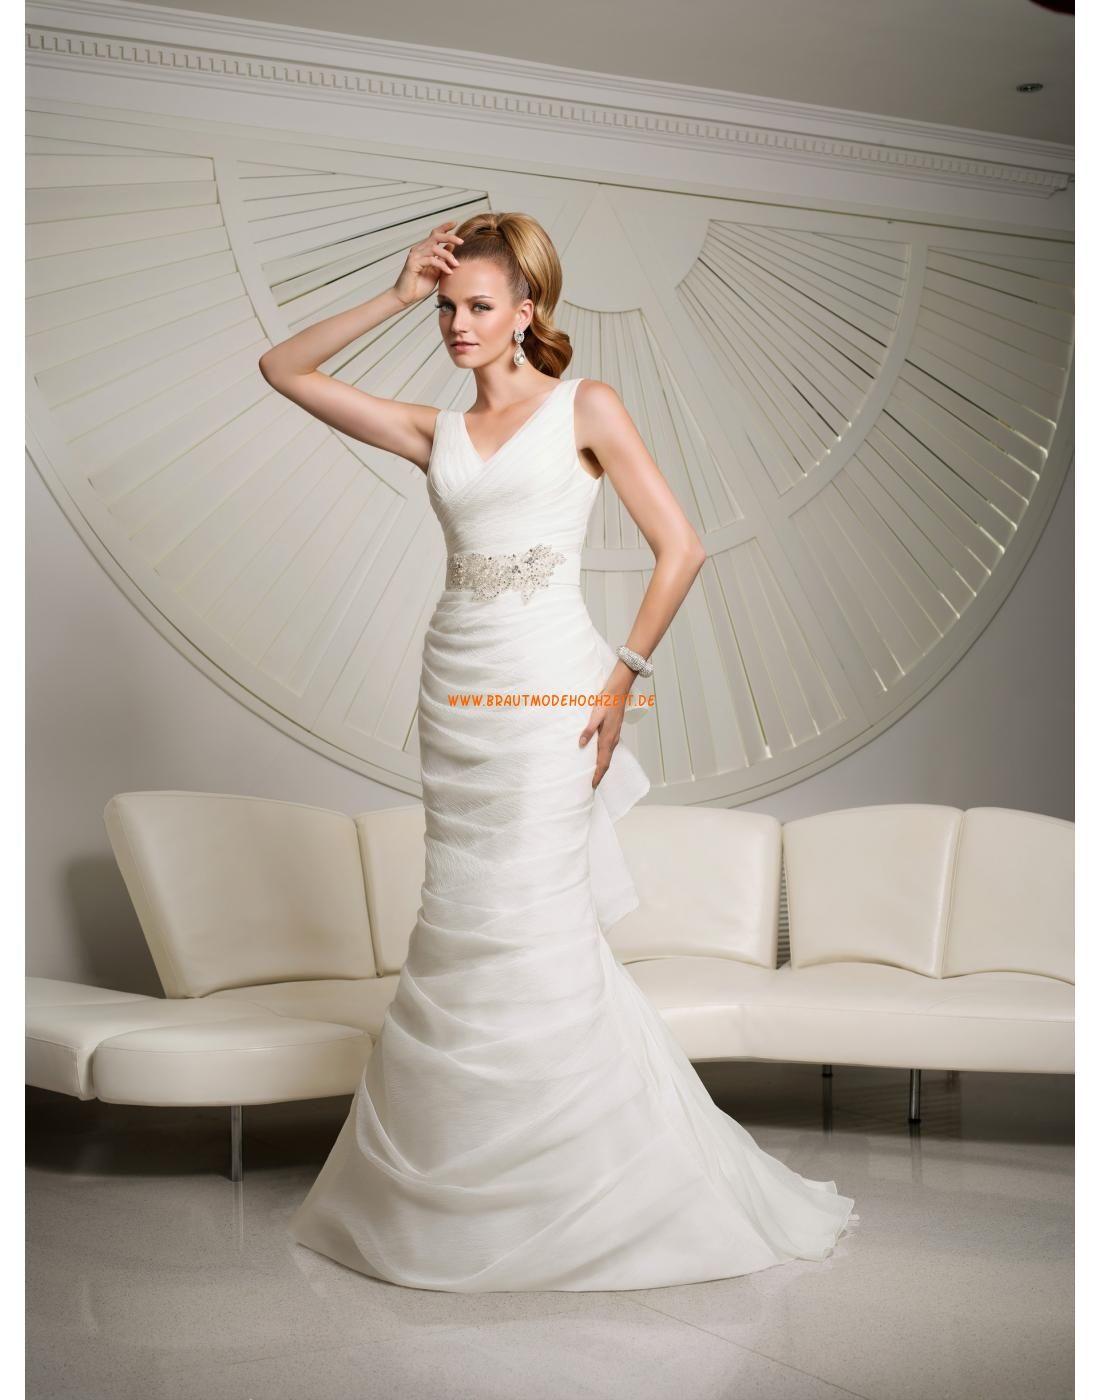 Fantastisch Brautkleider Poole Ideen - Hochzeit Kleid Stile Ideen ...